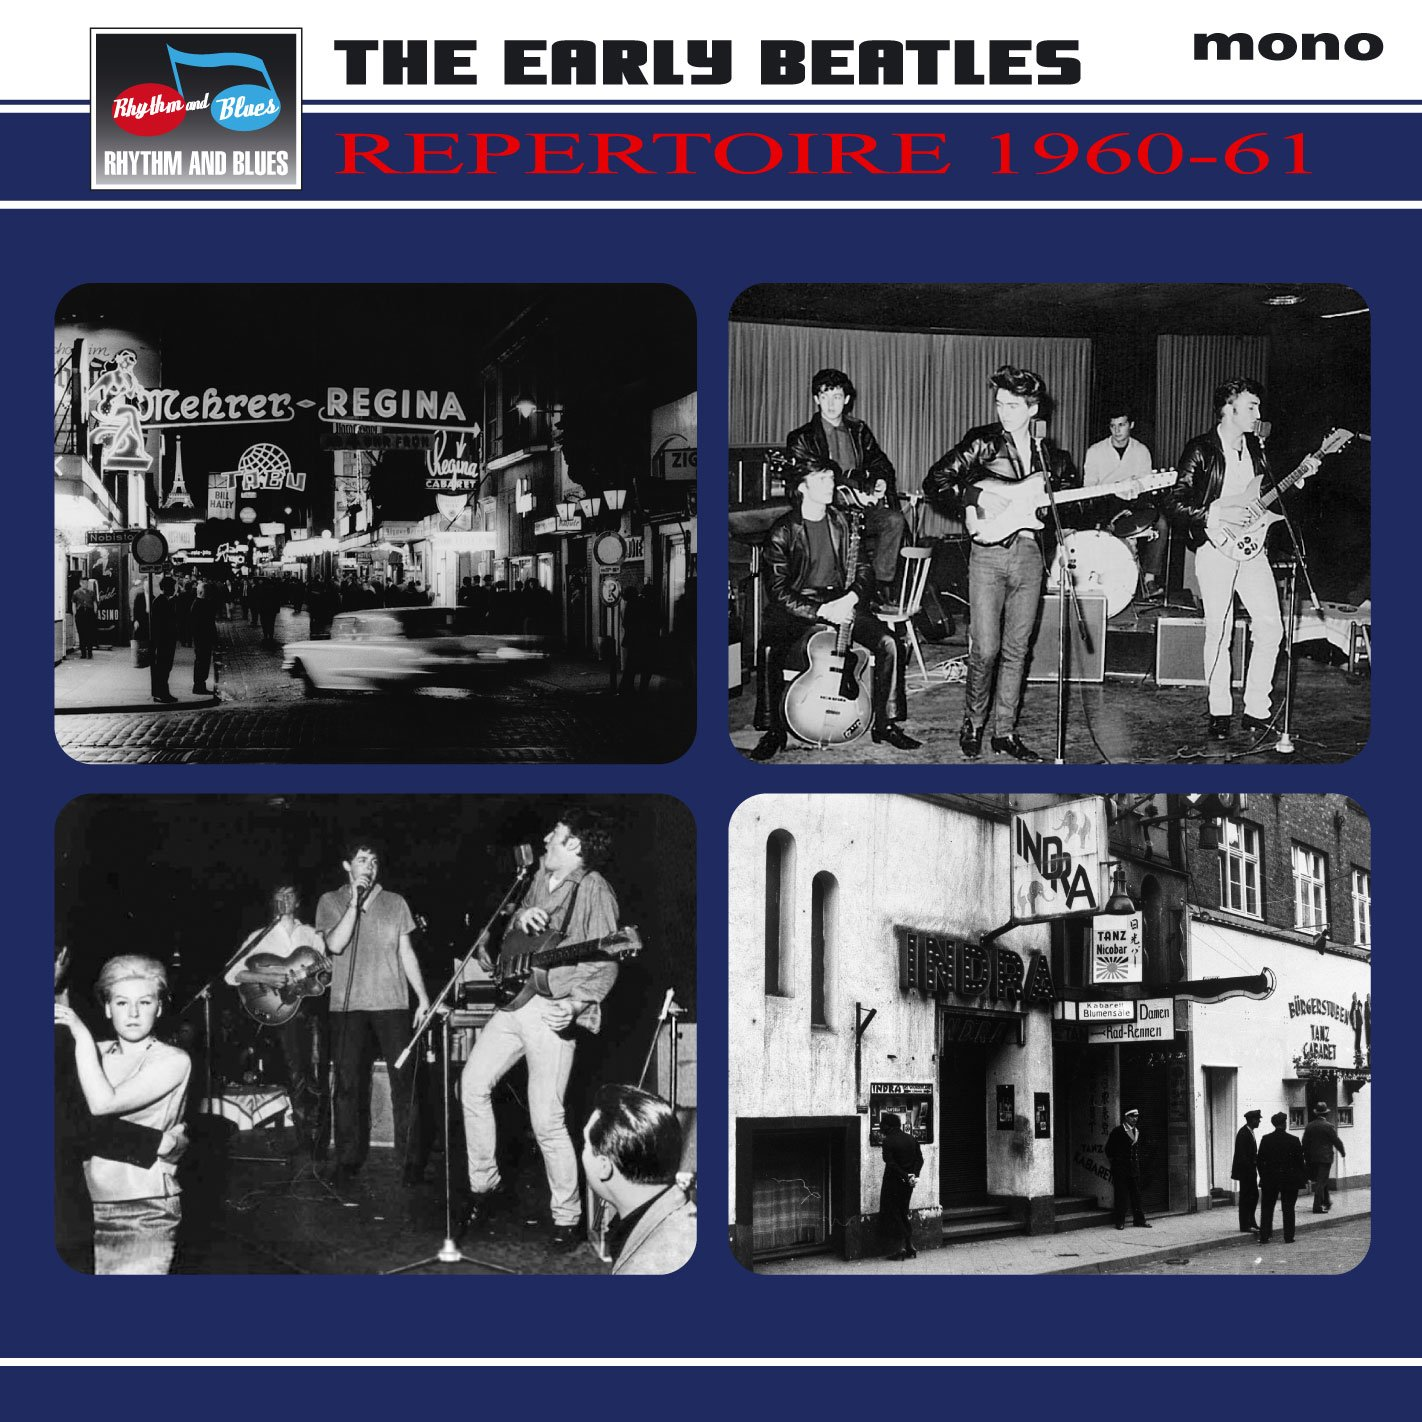 THE BEATLES REPERTOIRE 4 CD